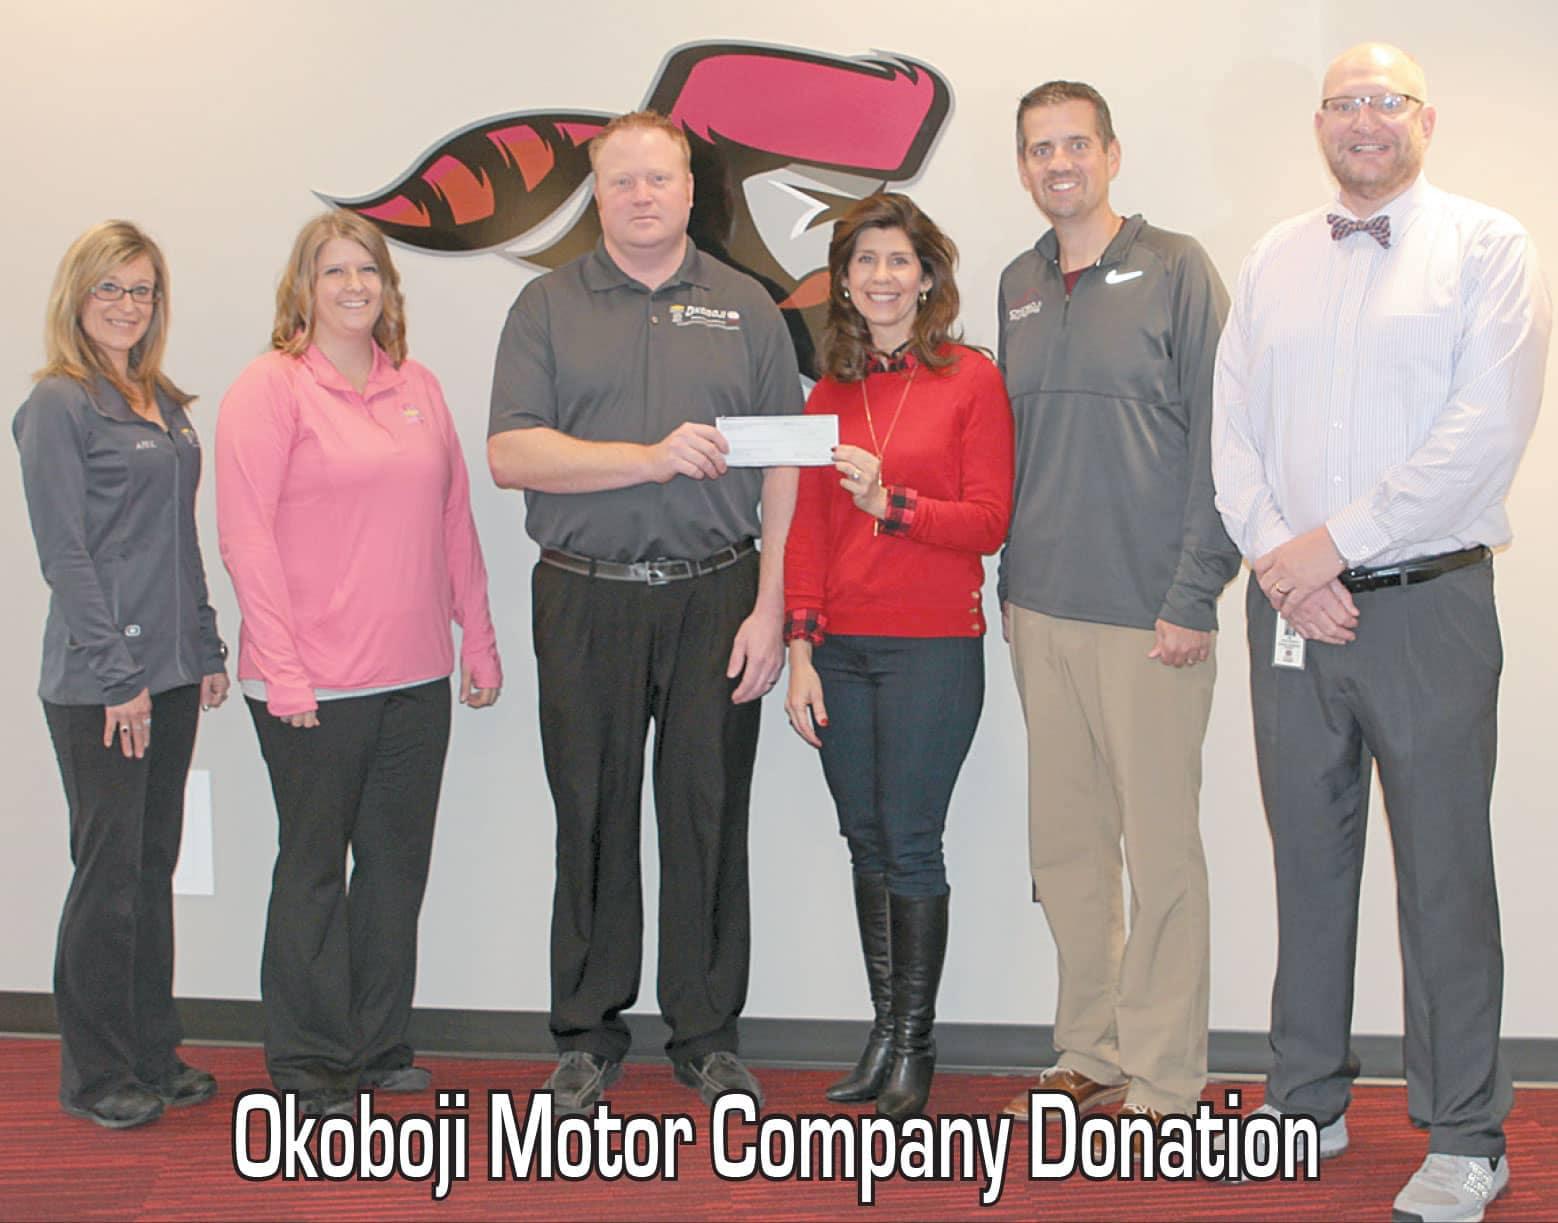 Okoboji Motor Company Donation